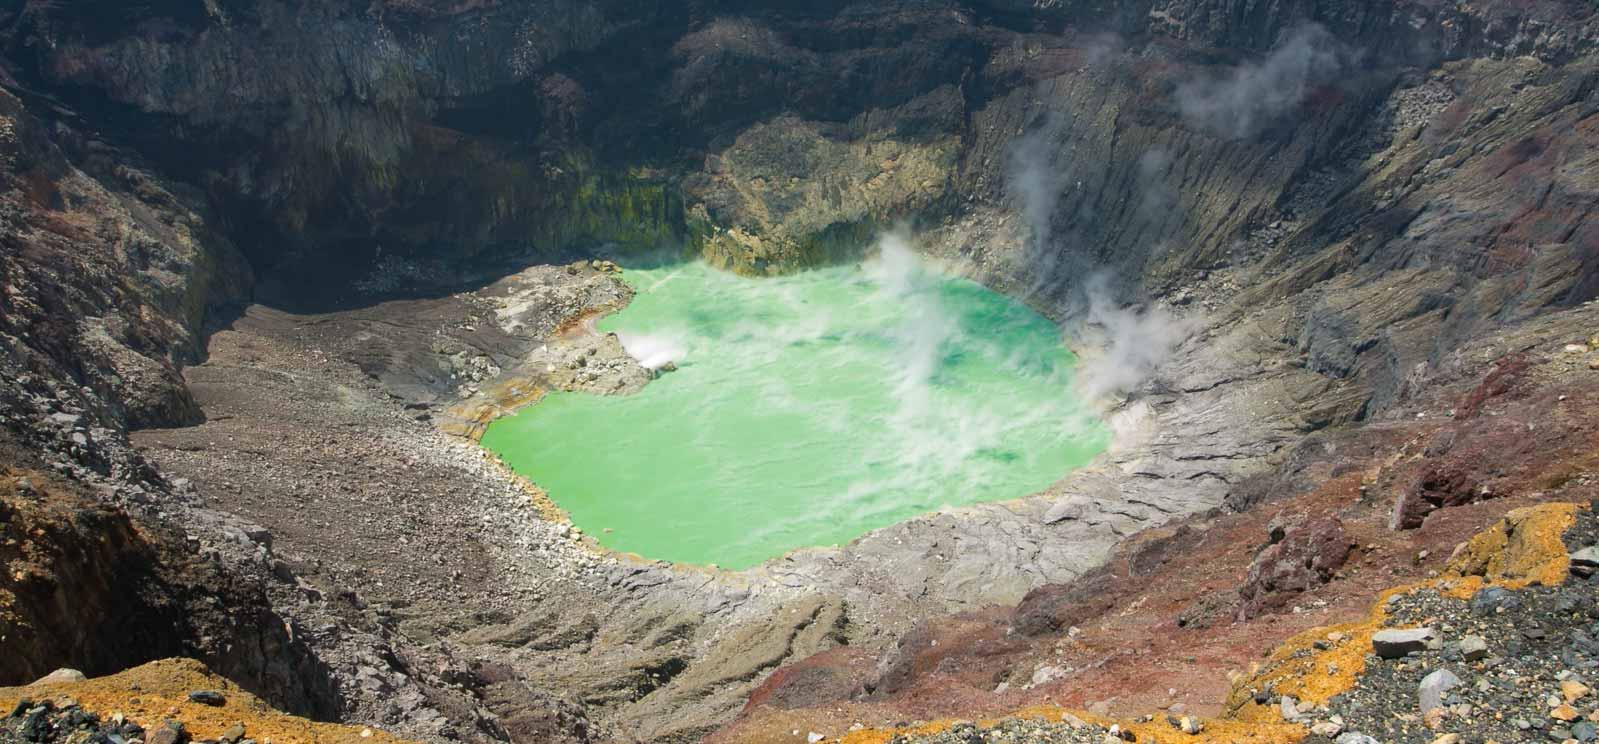 tours-el-salvador,-santa-ana-volcano-hike,-things-to-do-in-el-salvador